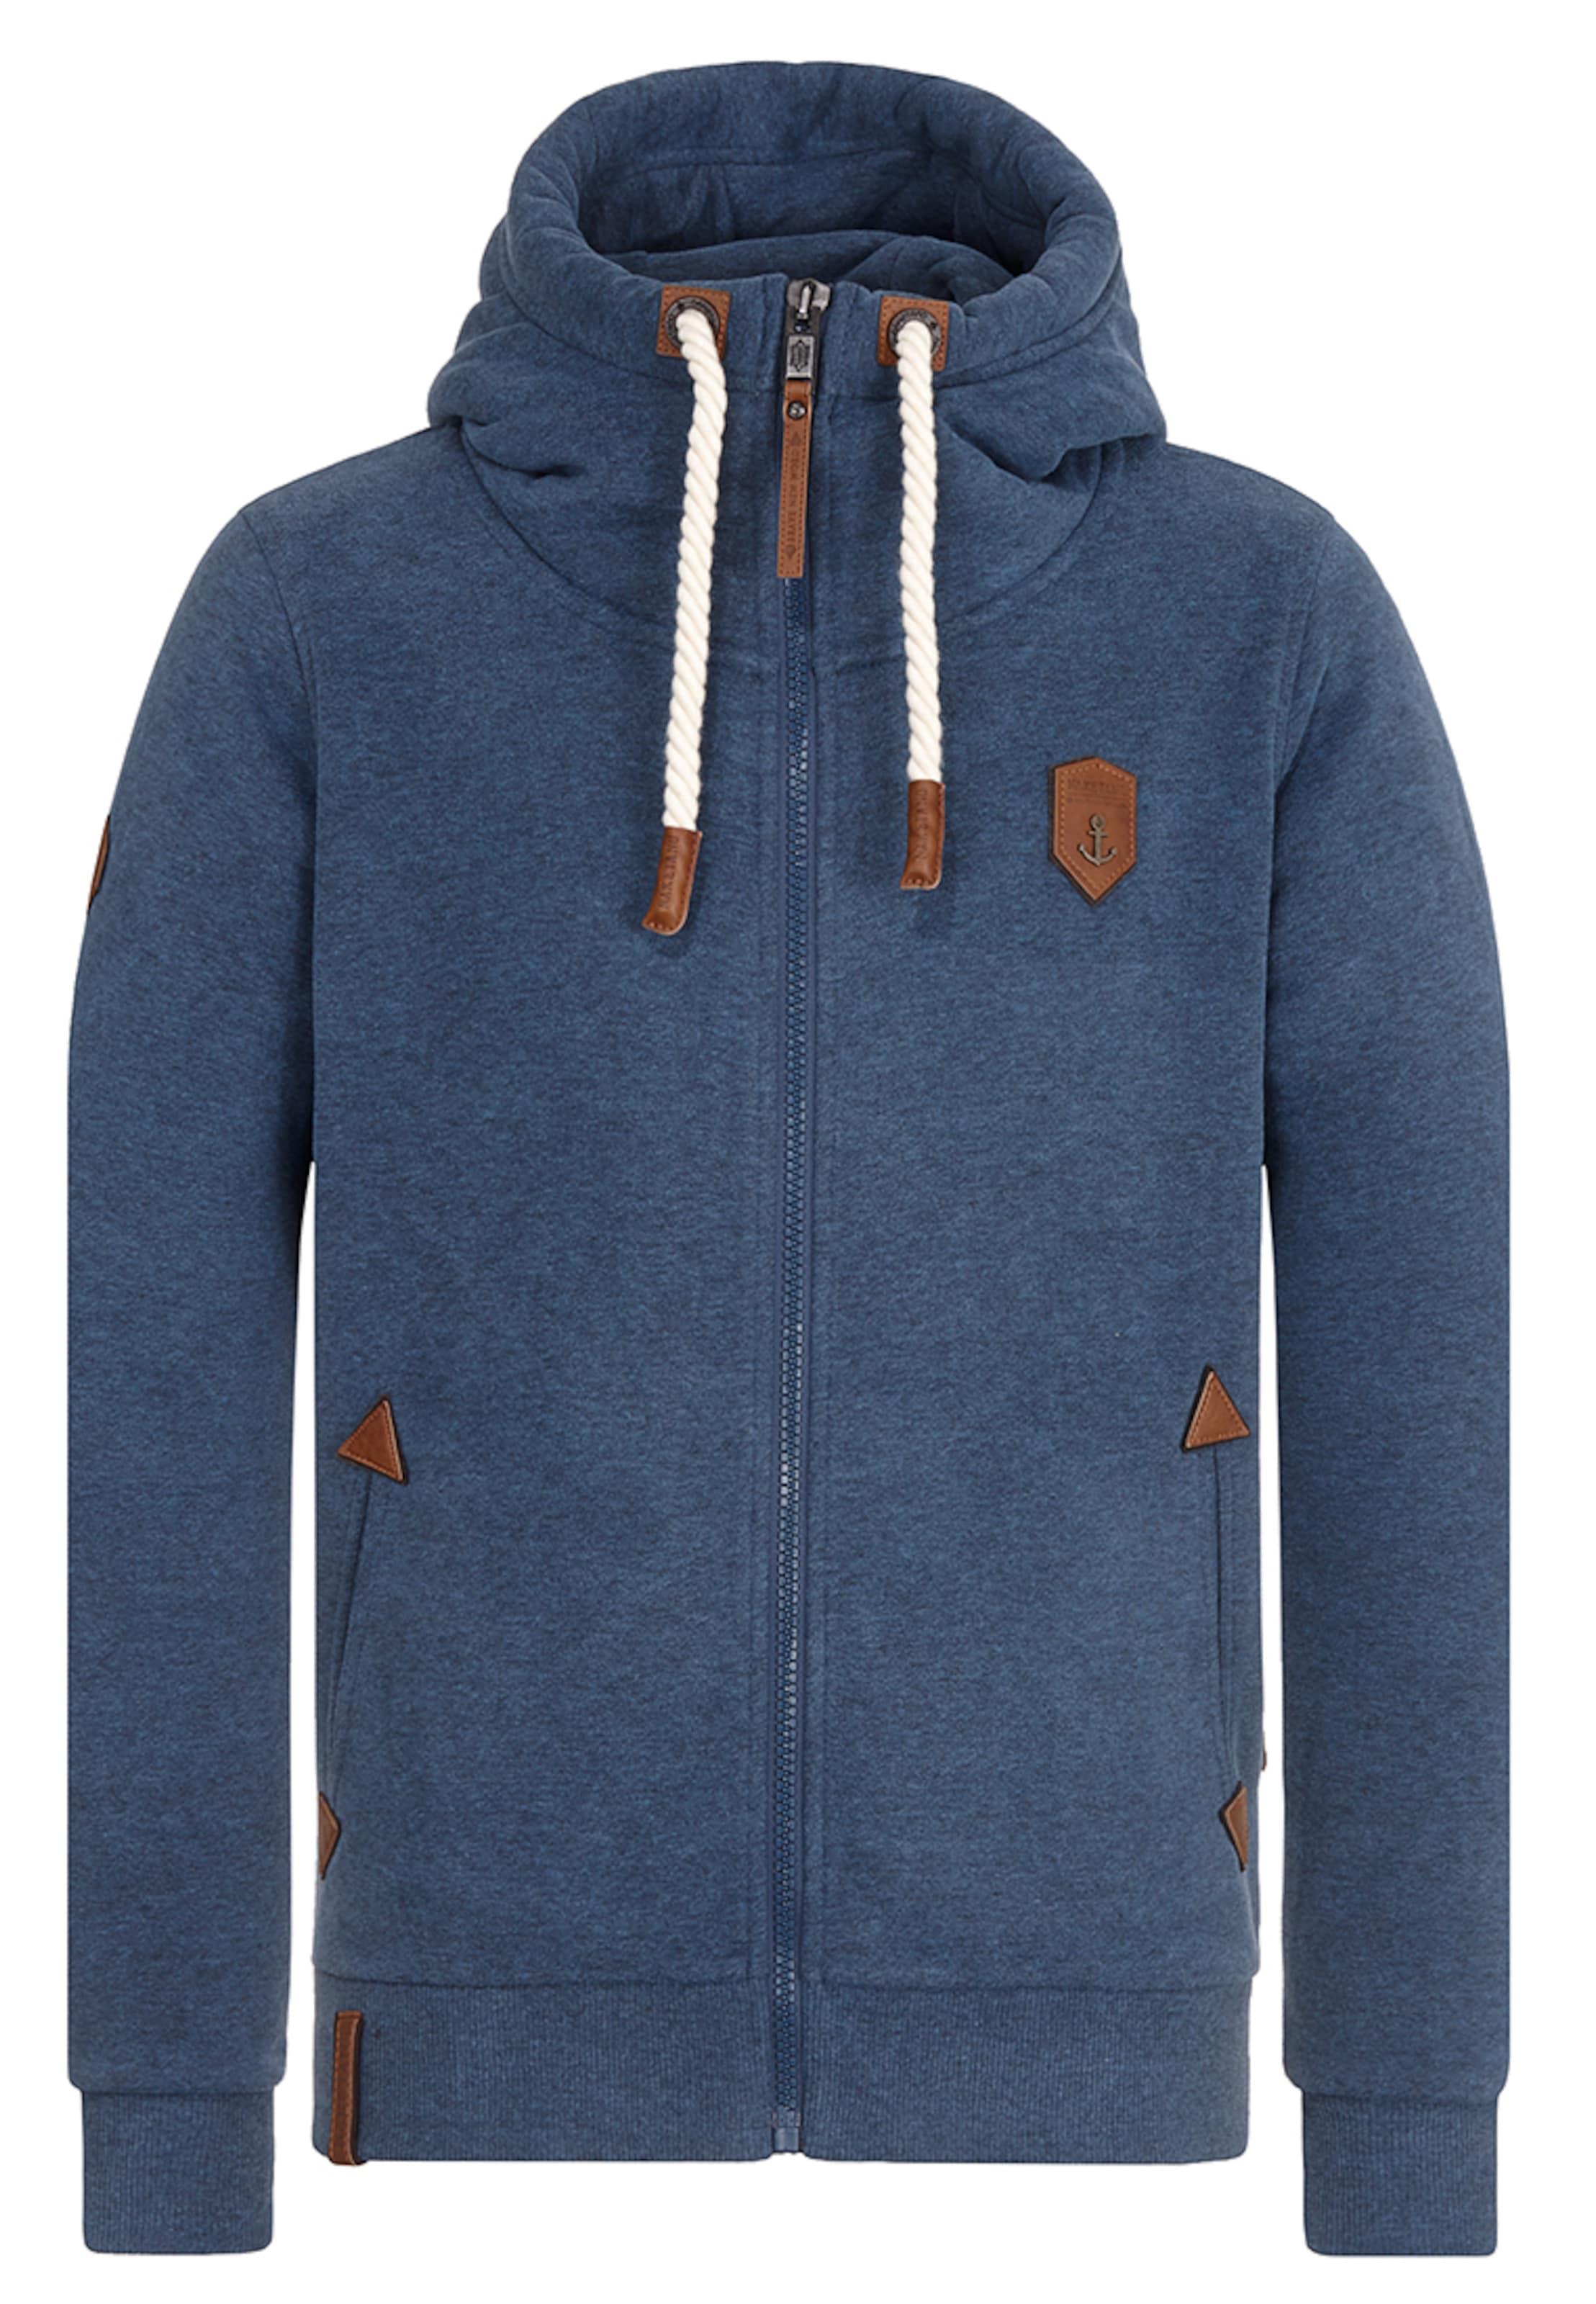 Ebay Wirklich Billig Preis naketano Male Zipped Jacket 2018 Neue Gut Verkaufen Zu Verkaufen EgS7iV